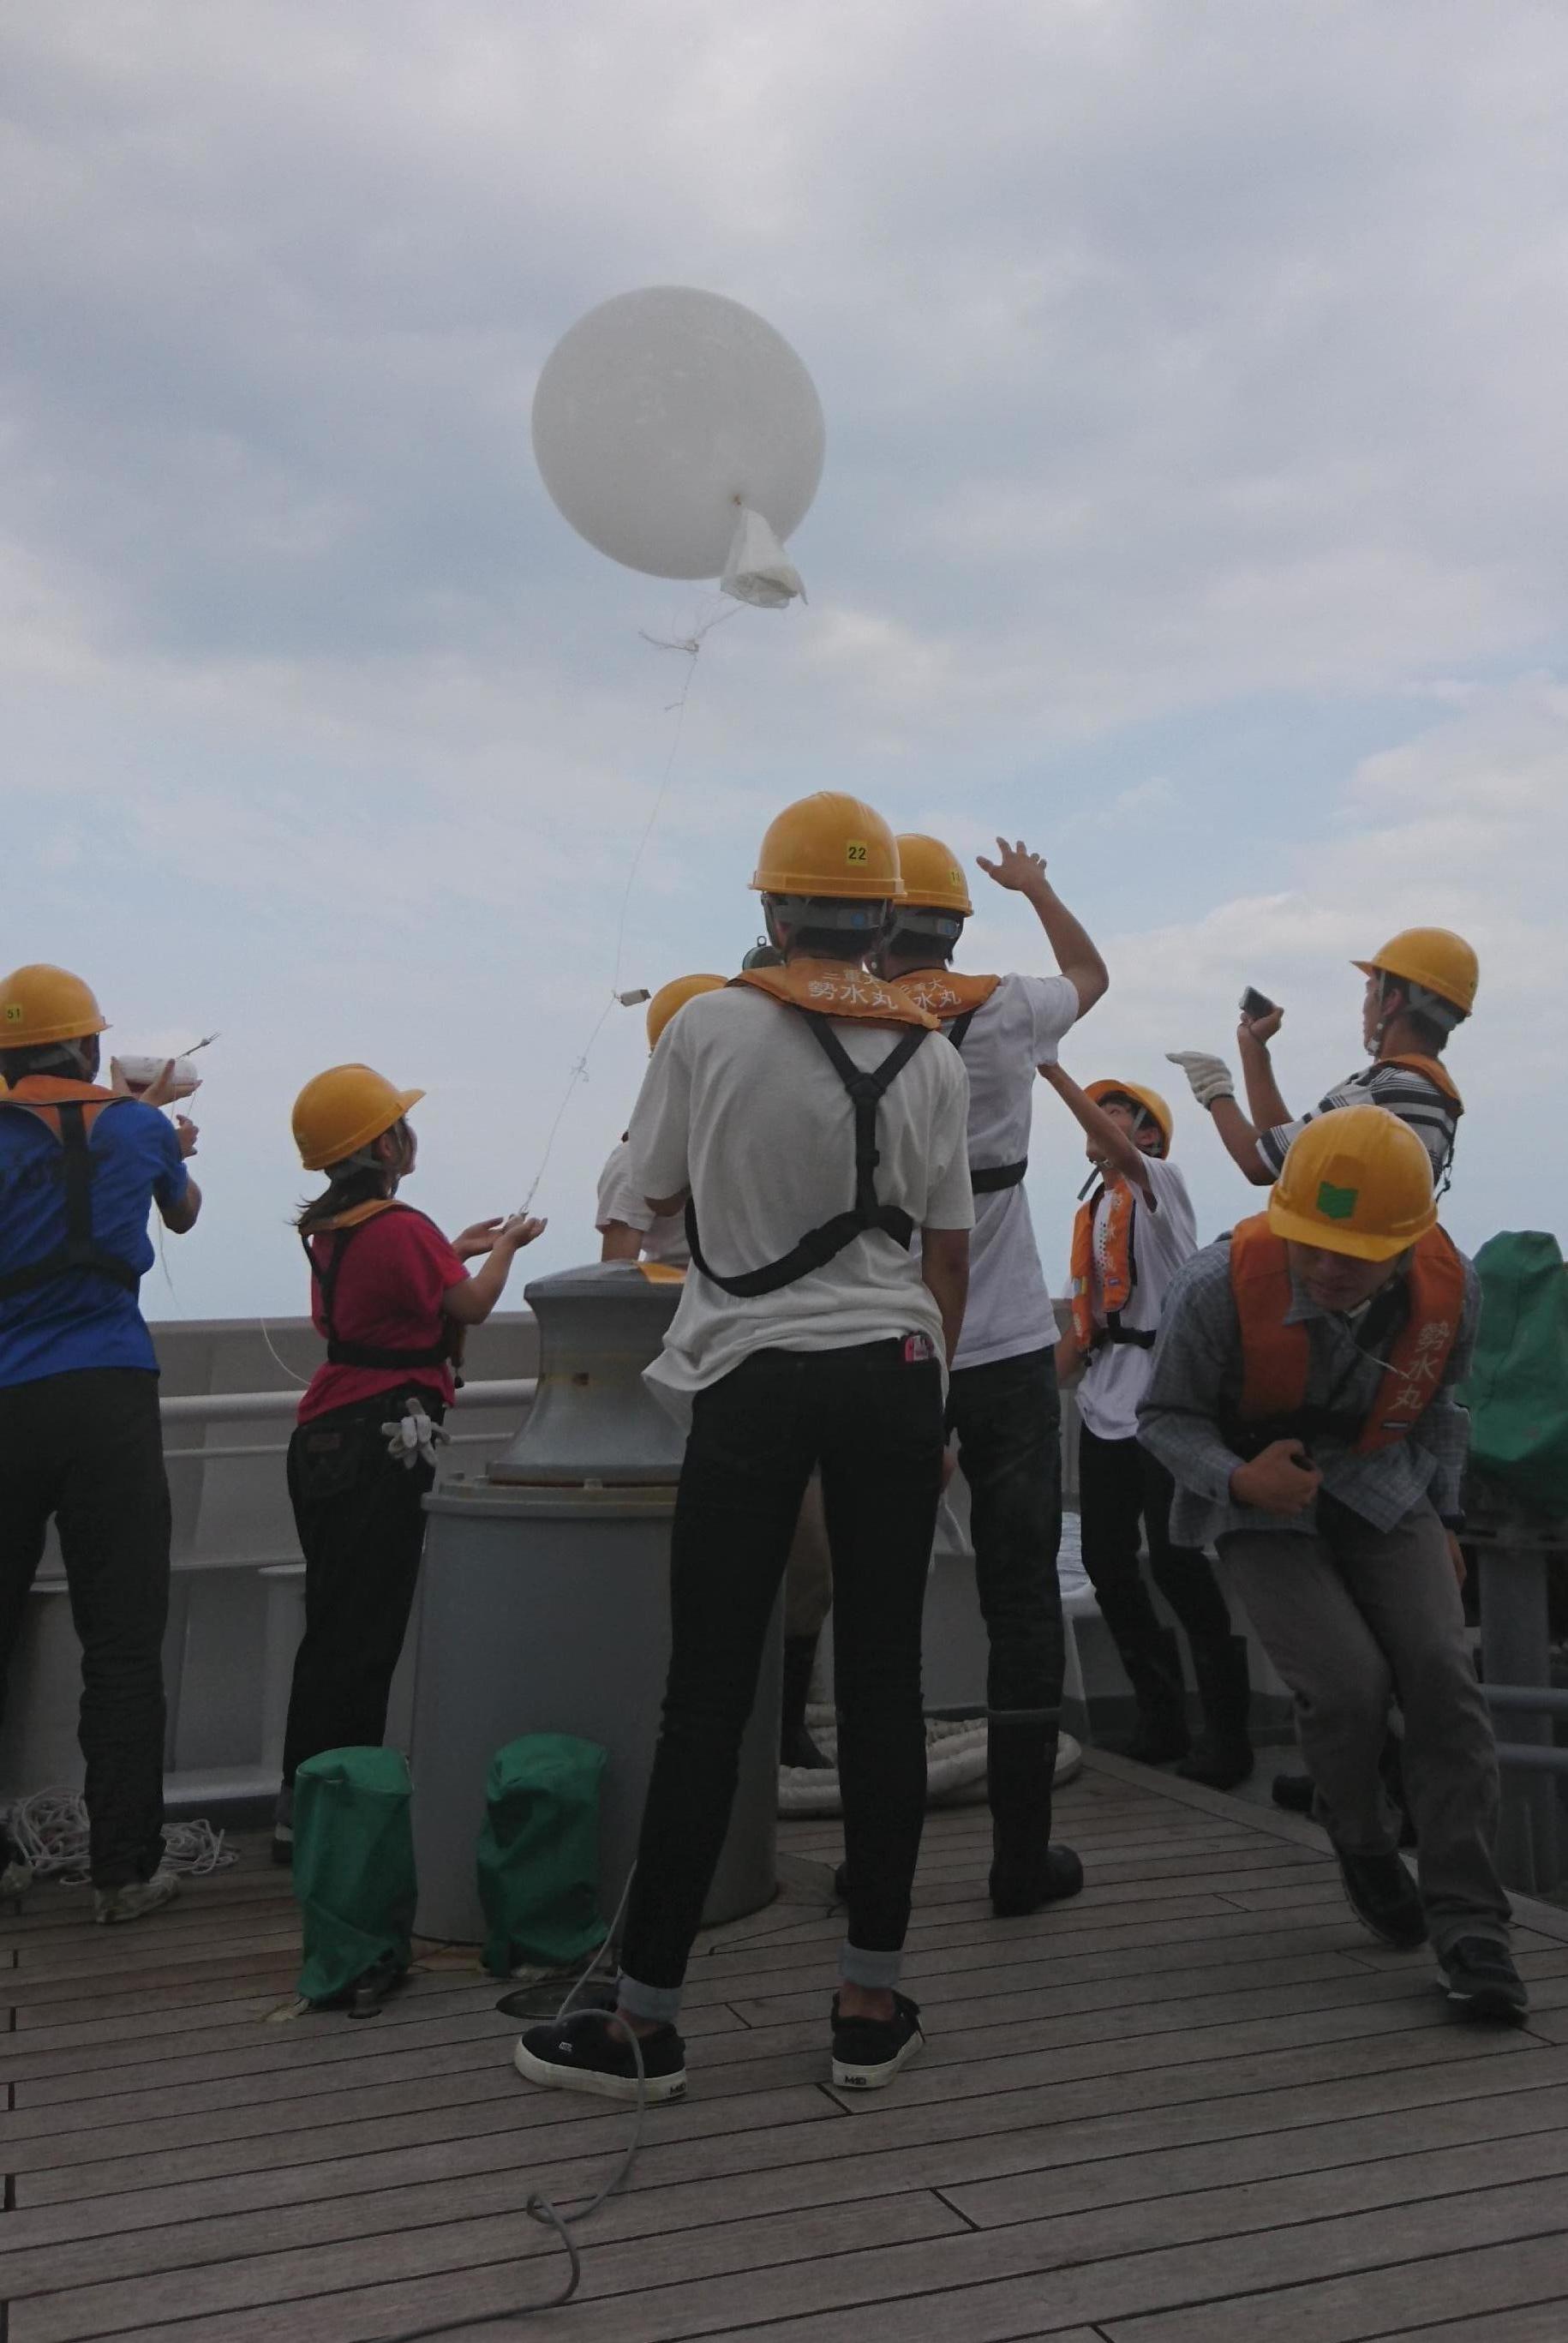 ラジオソンデによる海上大気調査